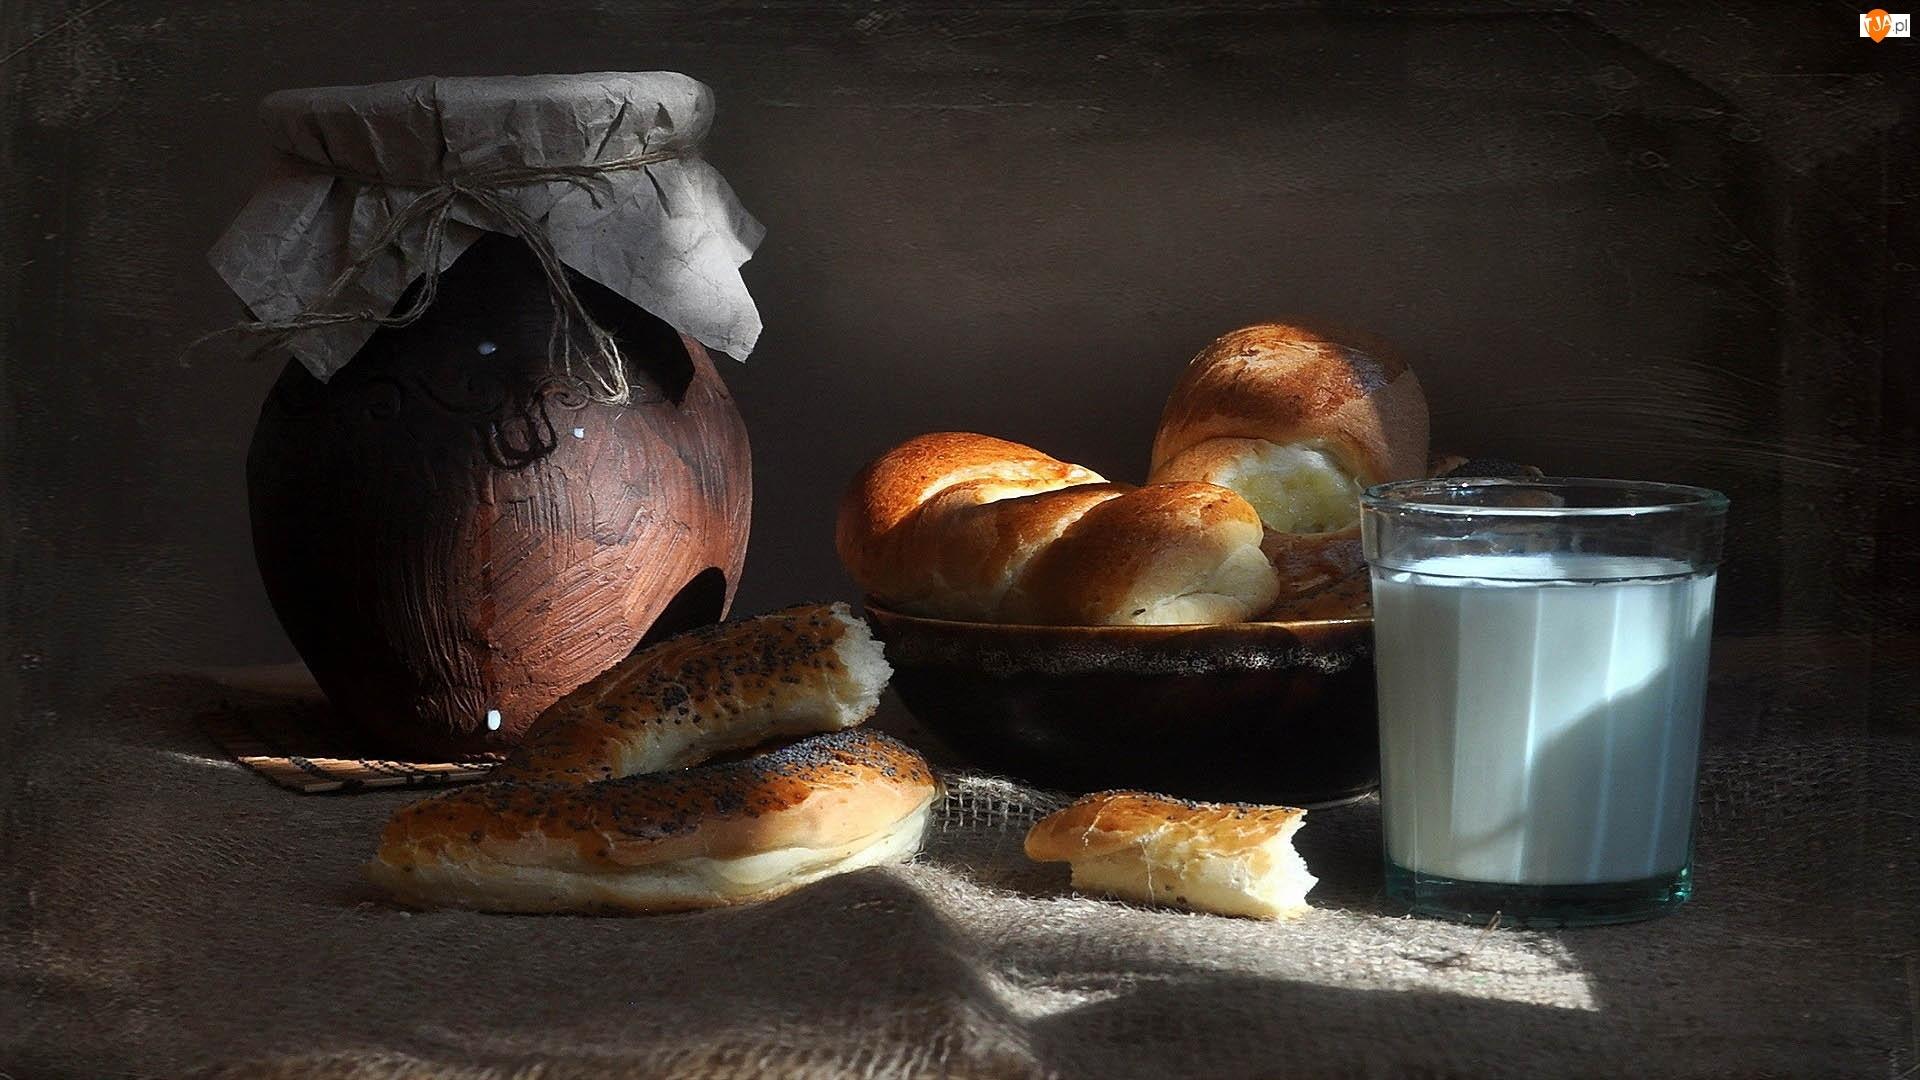 Kamionkowy, Pieczywo, Bułki, Śniadanie, Słój, Rogal, Mleko